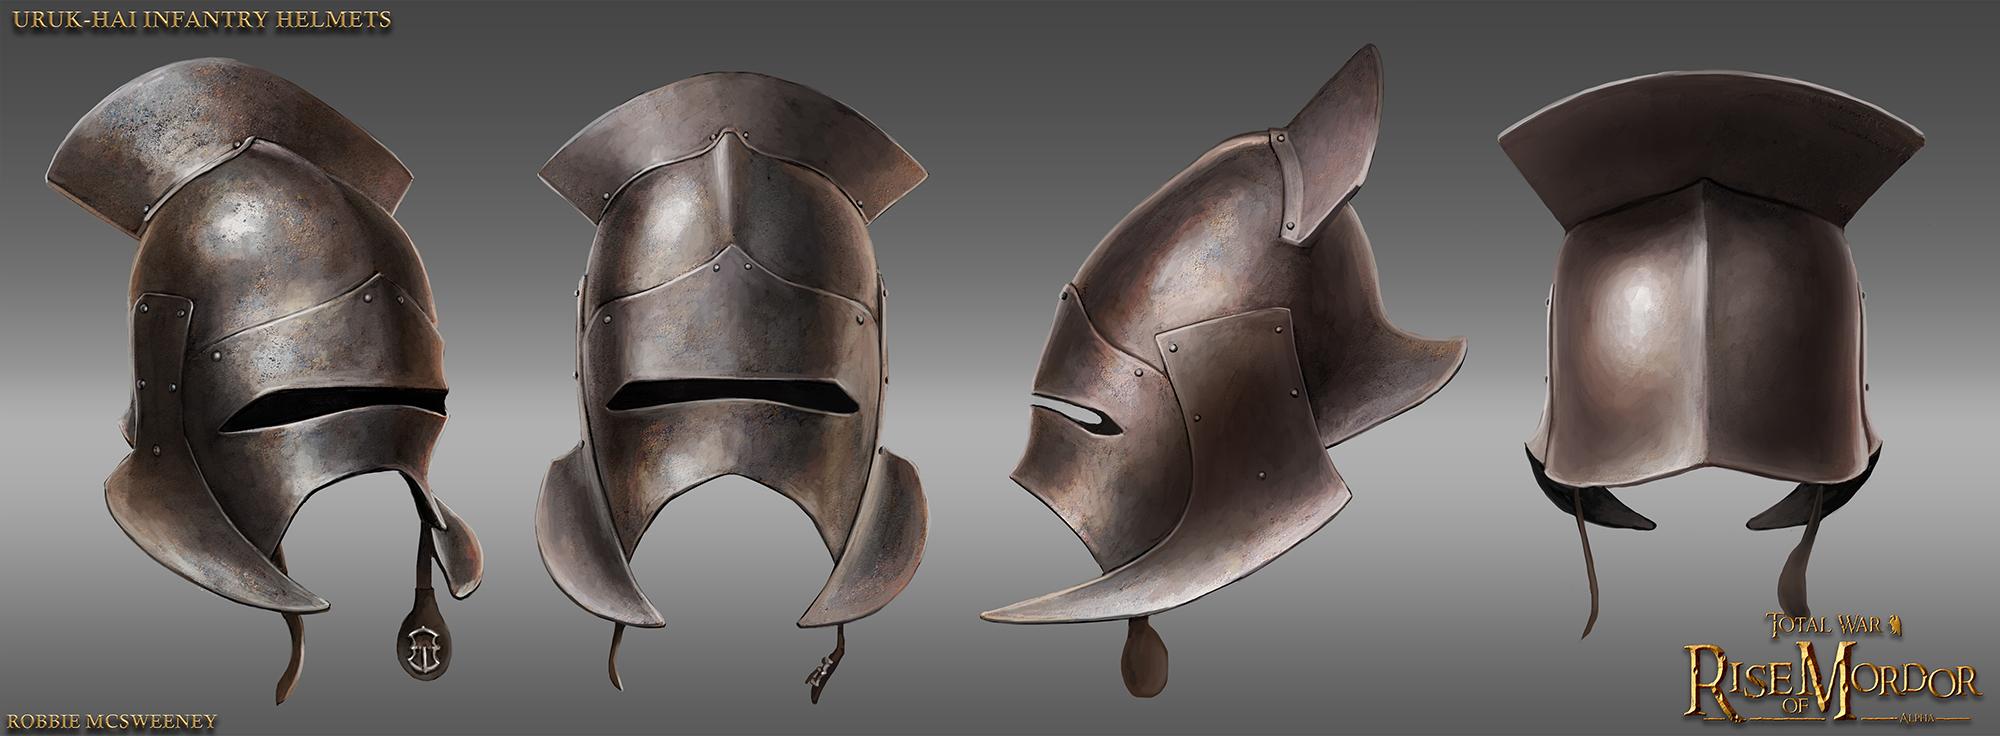 Uruk-Hai infantry helmet